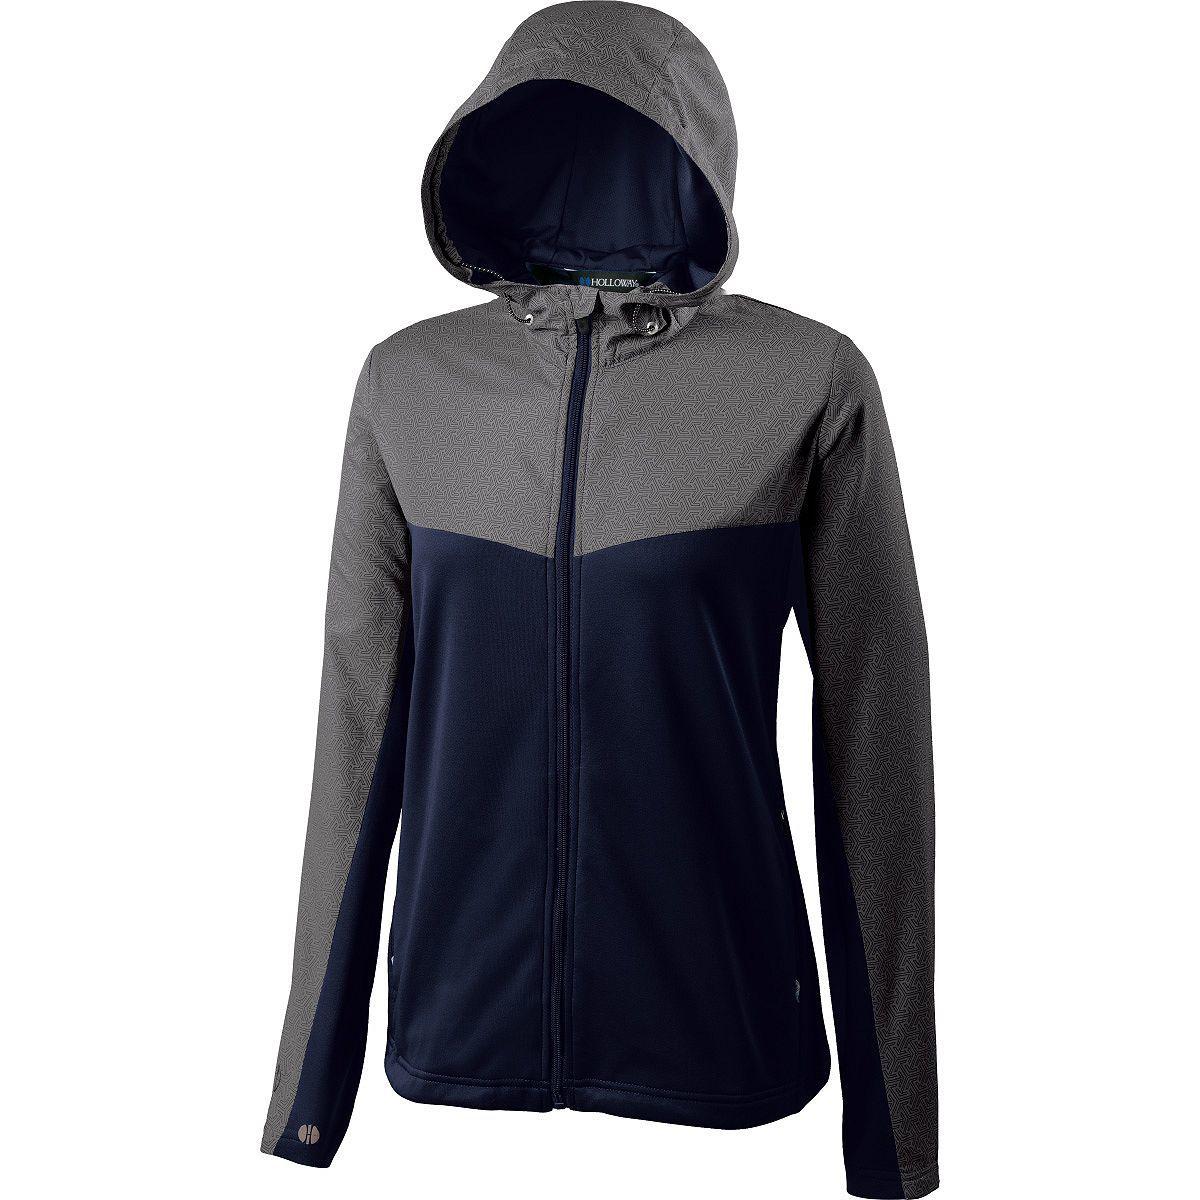 Ladies Crossover Jacket - GREY PRINT/NAVY